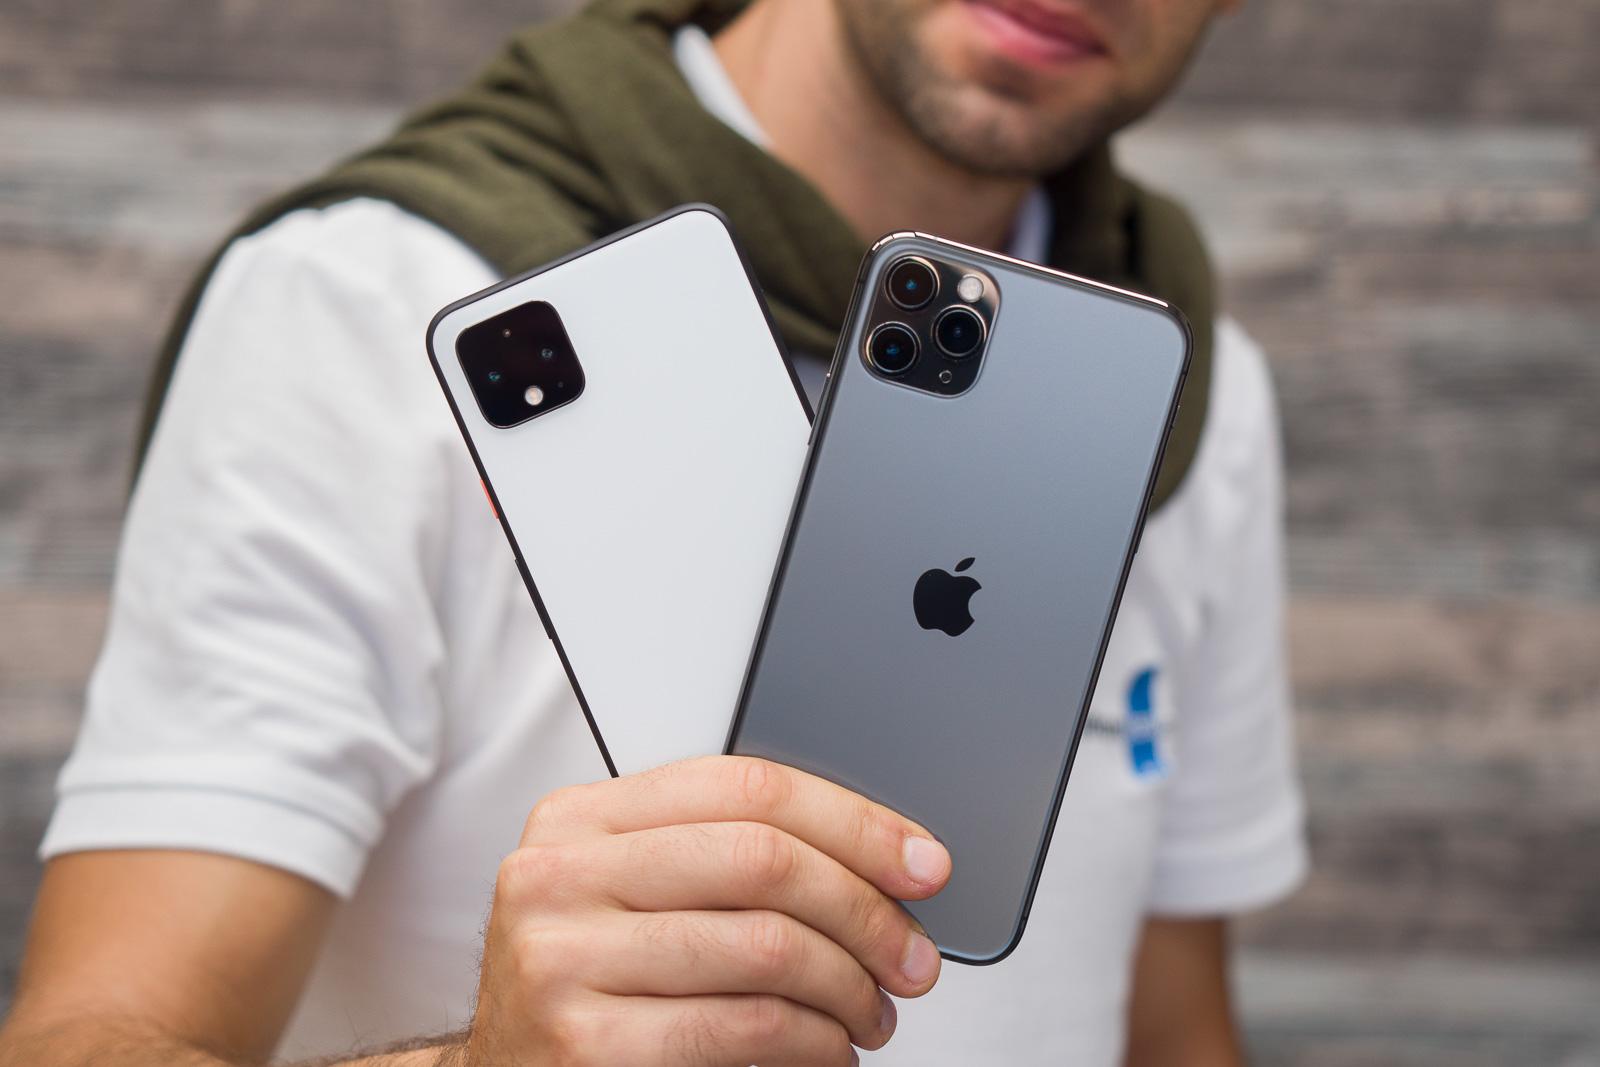 Google-Pixel-4-XL-vs-iPhone-11-Pro-Max